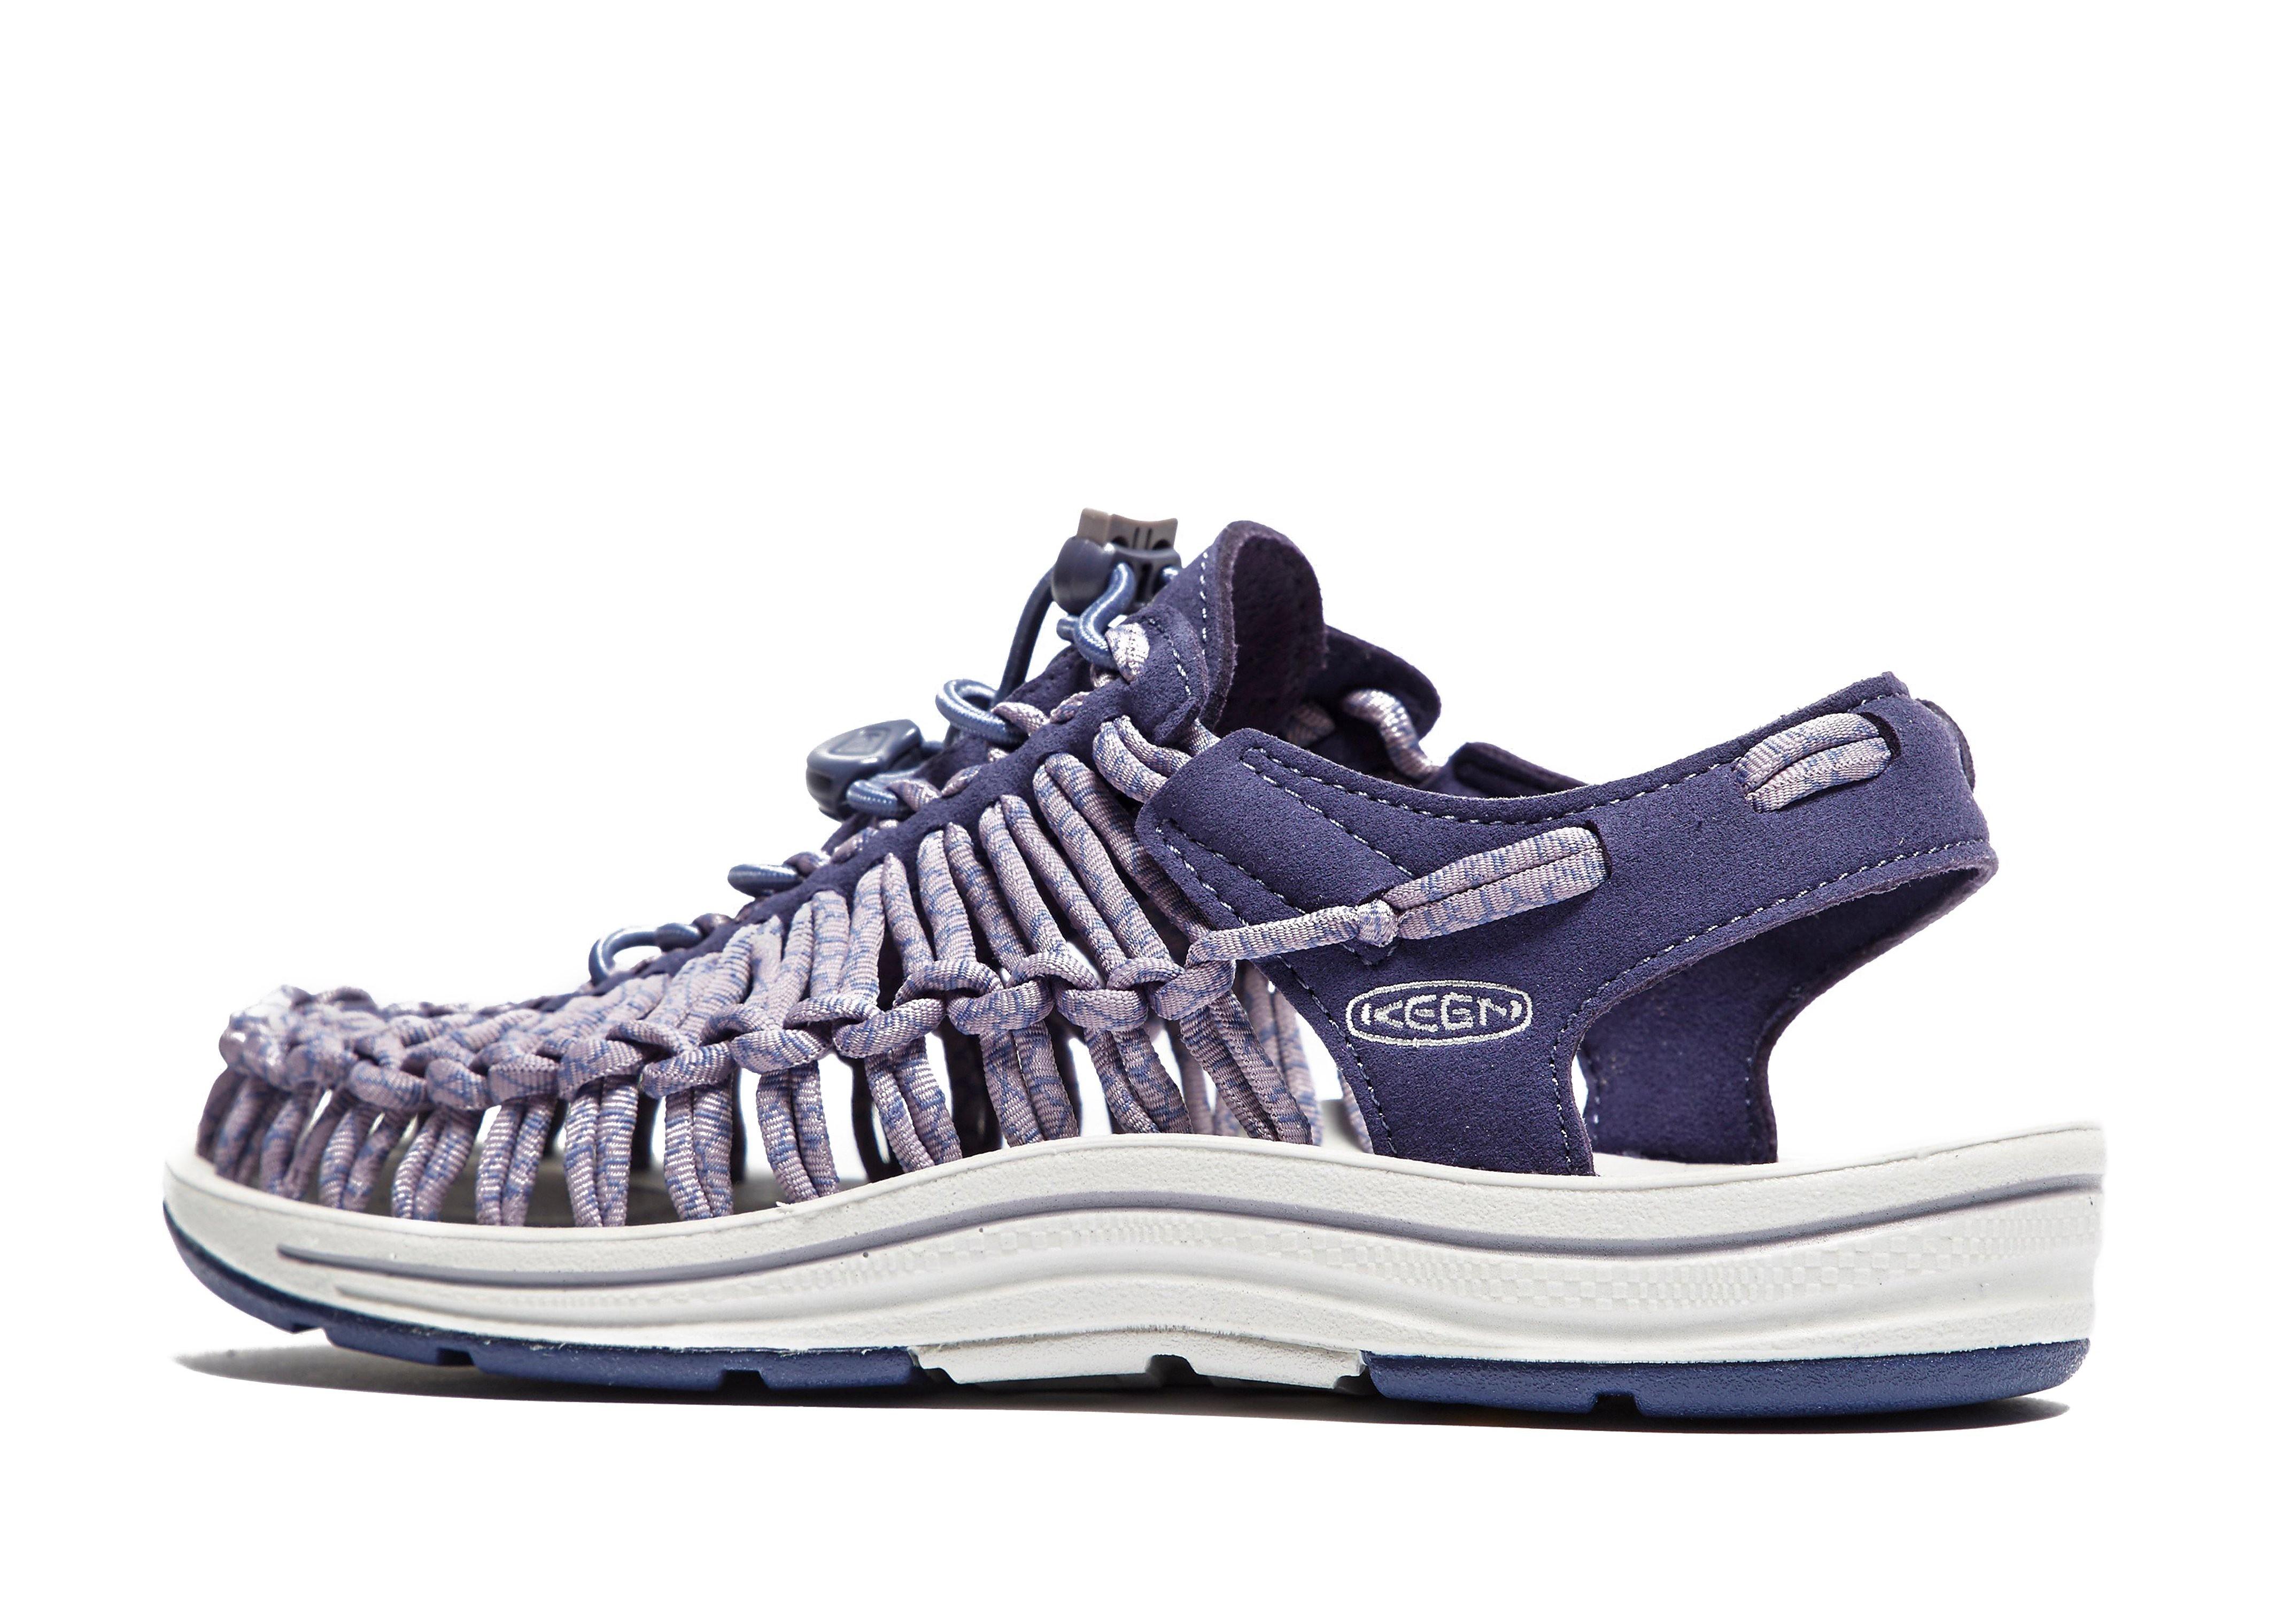 Keen Uneek Flat Cord Women's Sandals